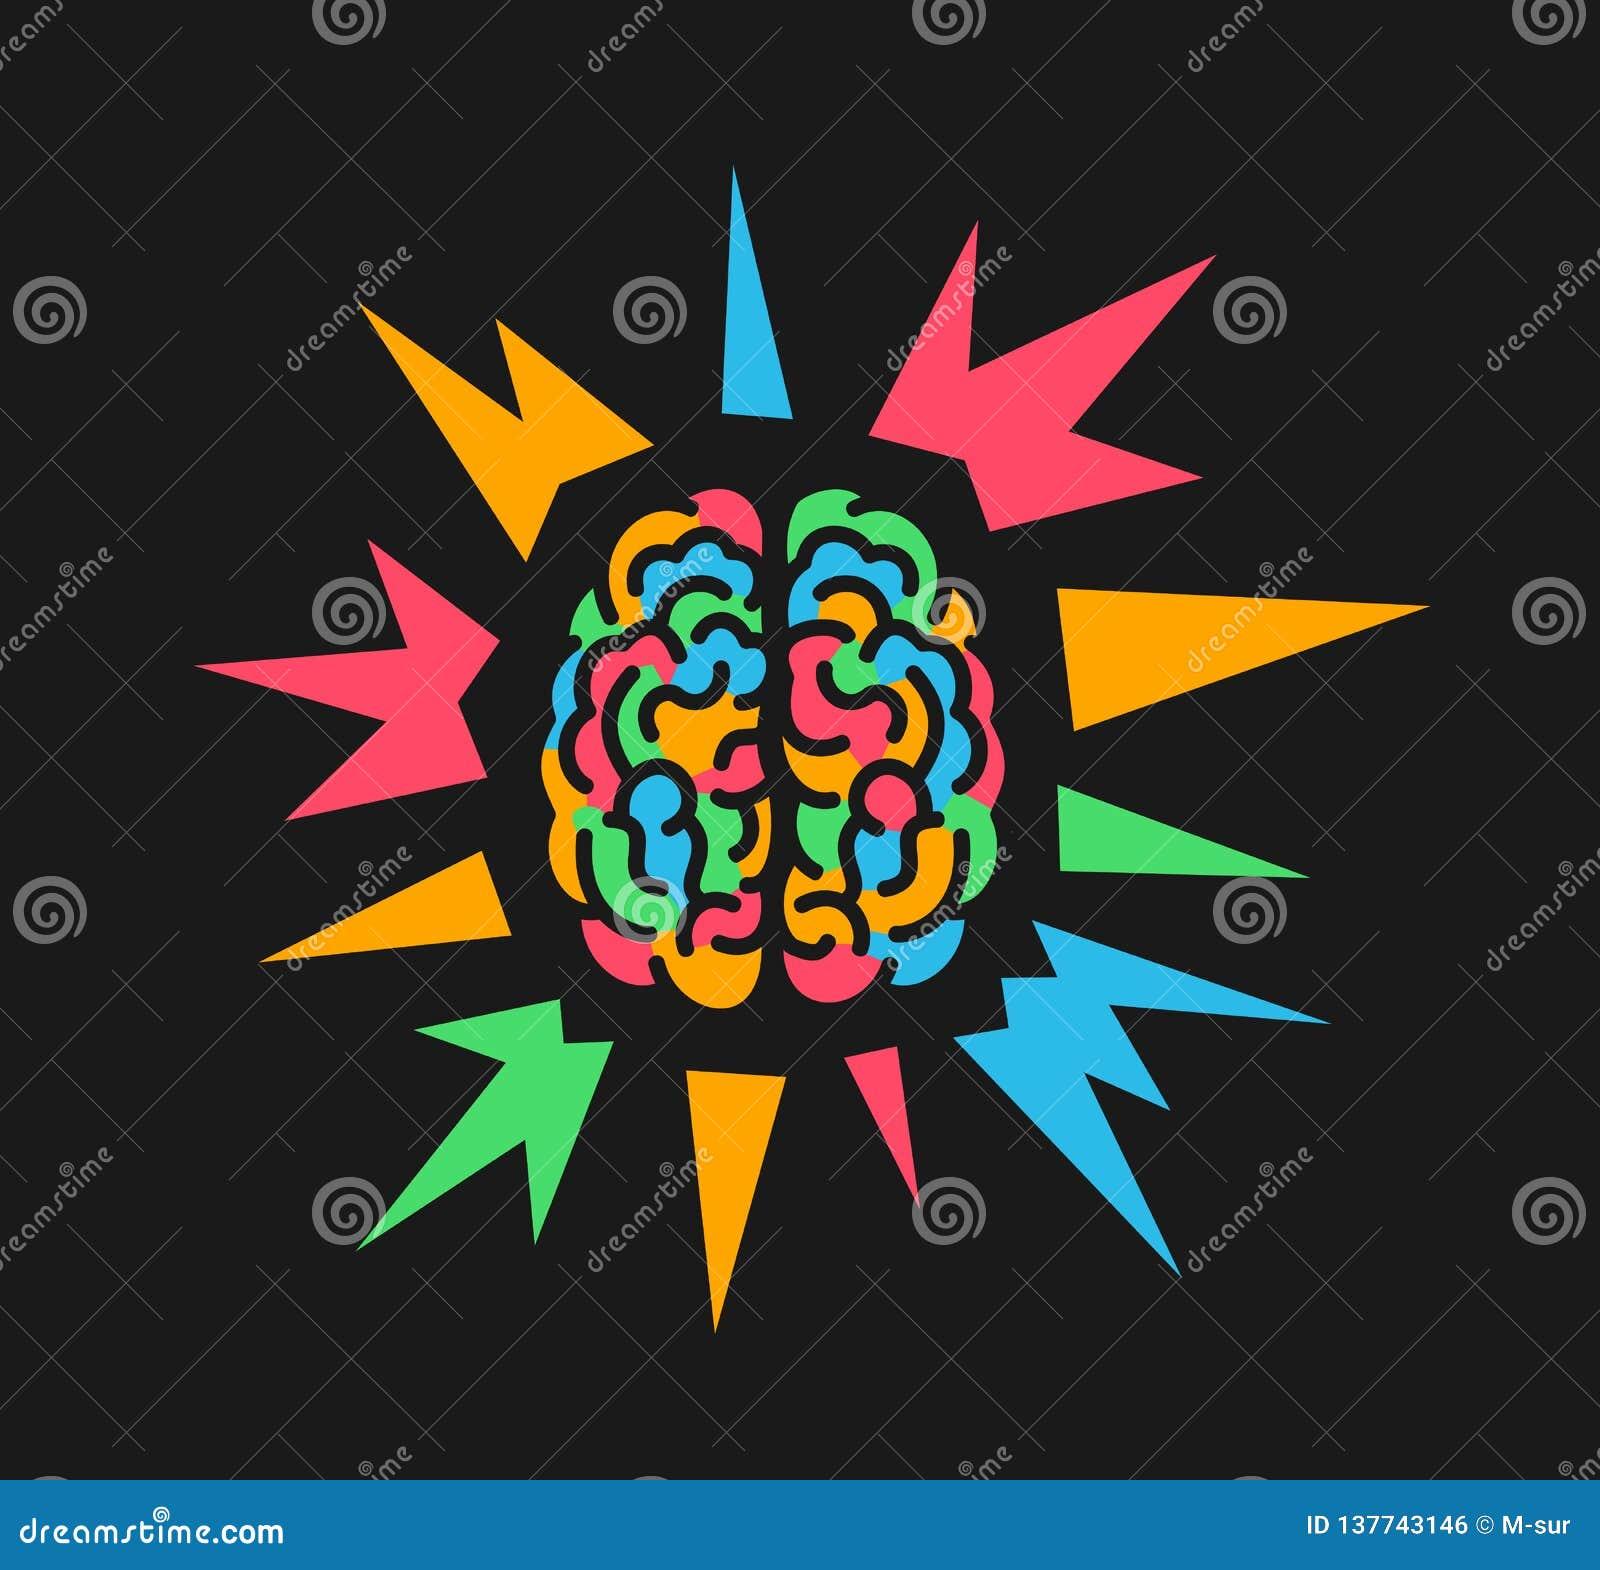 Cerebro colorido debido a psychedelics y sustancia alucinógena, epilepsia y ataque epiléptico